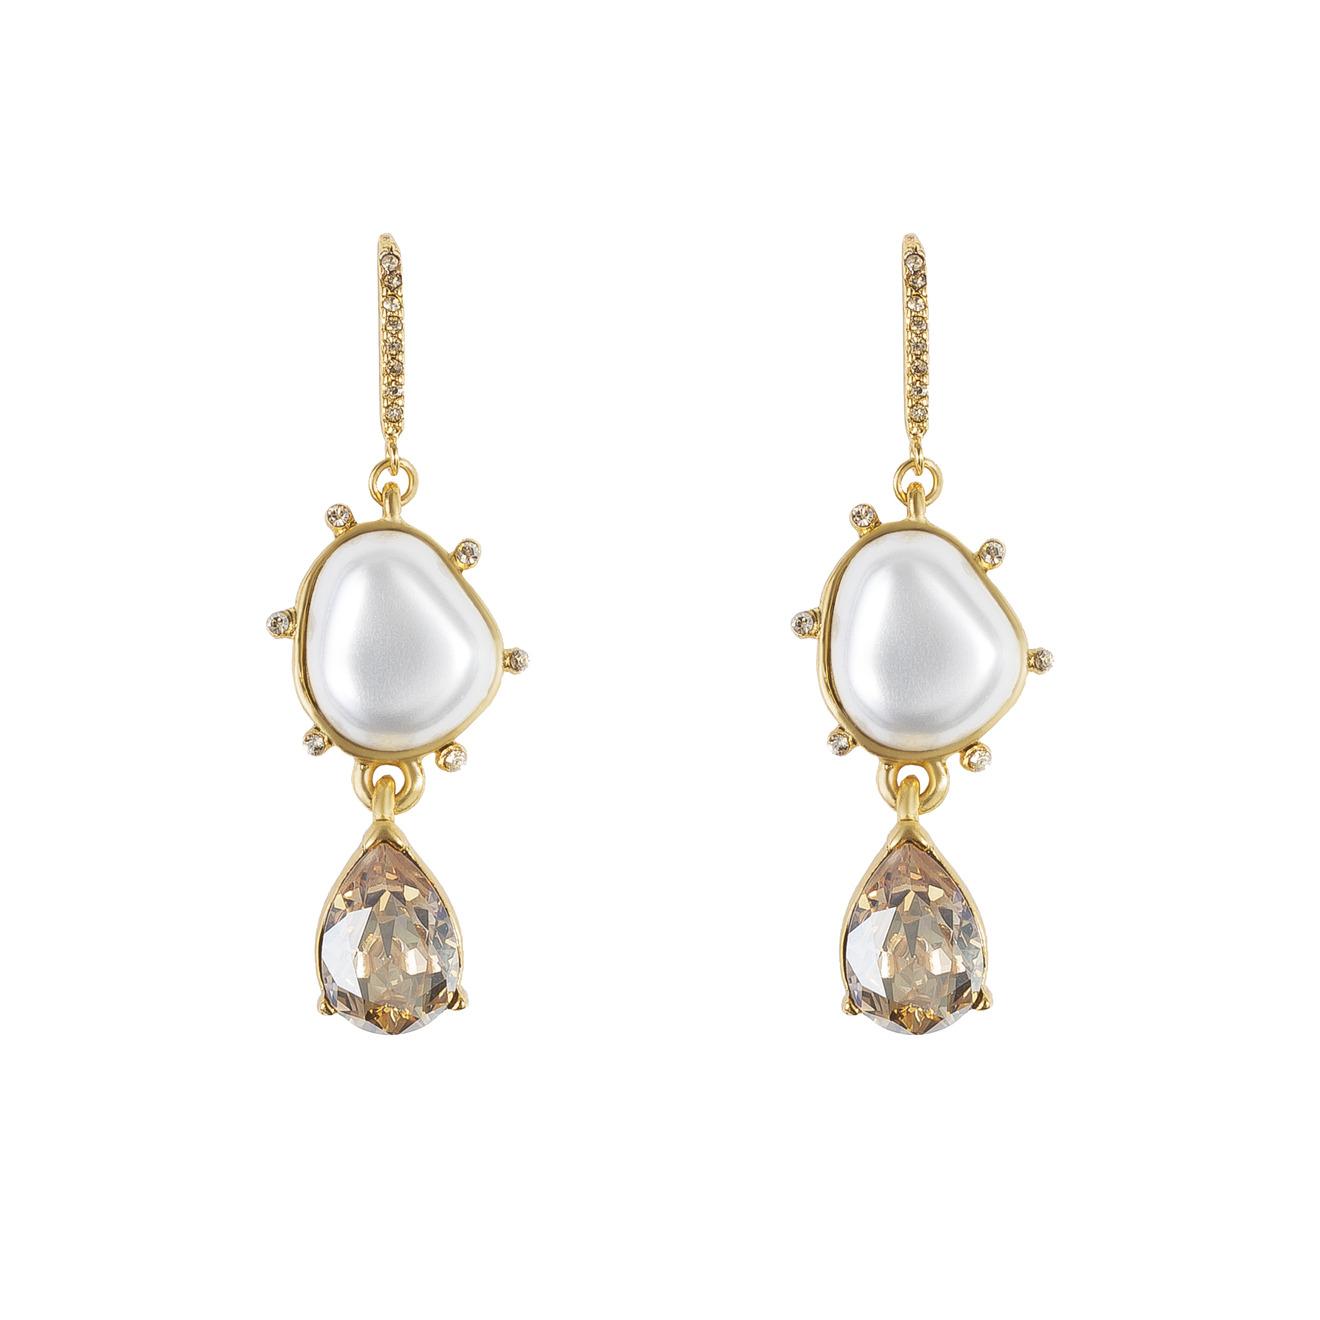 Oscar de la Renta Золотистые серьги с барочным жемчугом и кристаллами